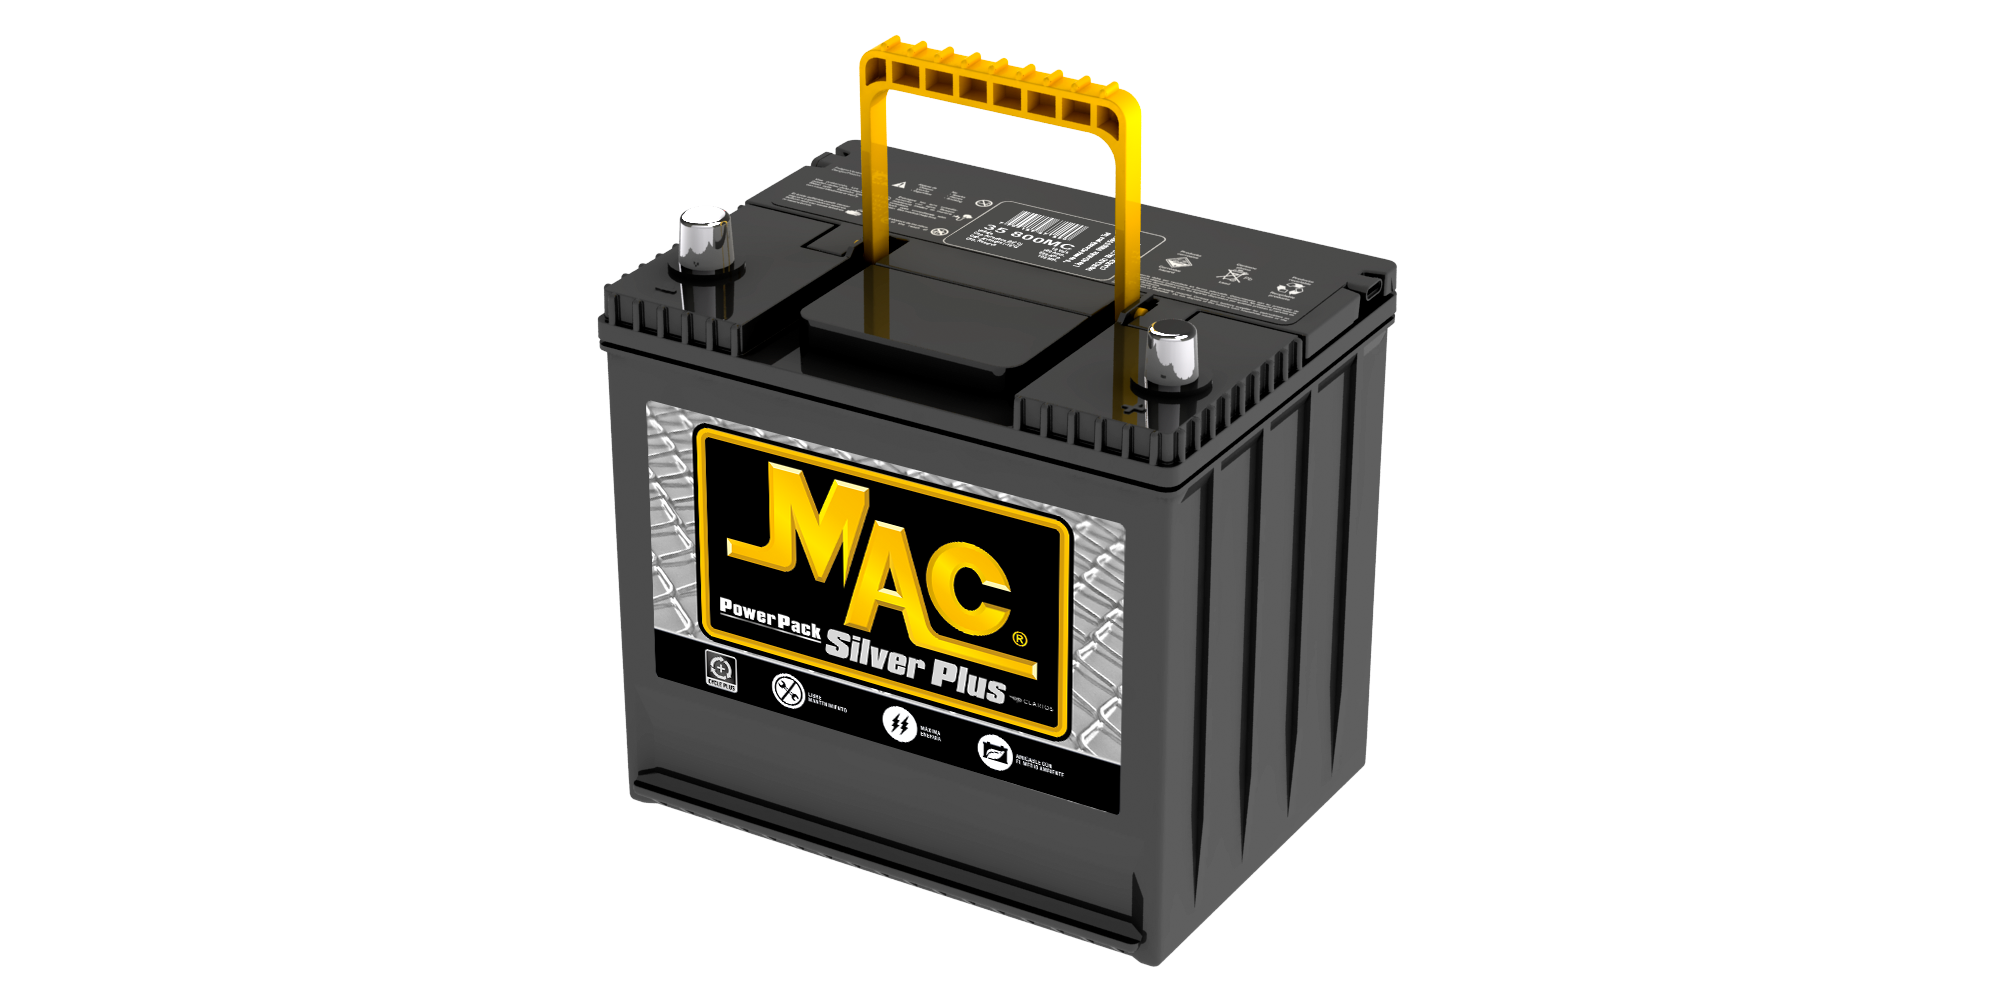 Mac Silver Plus 35800MC